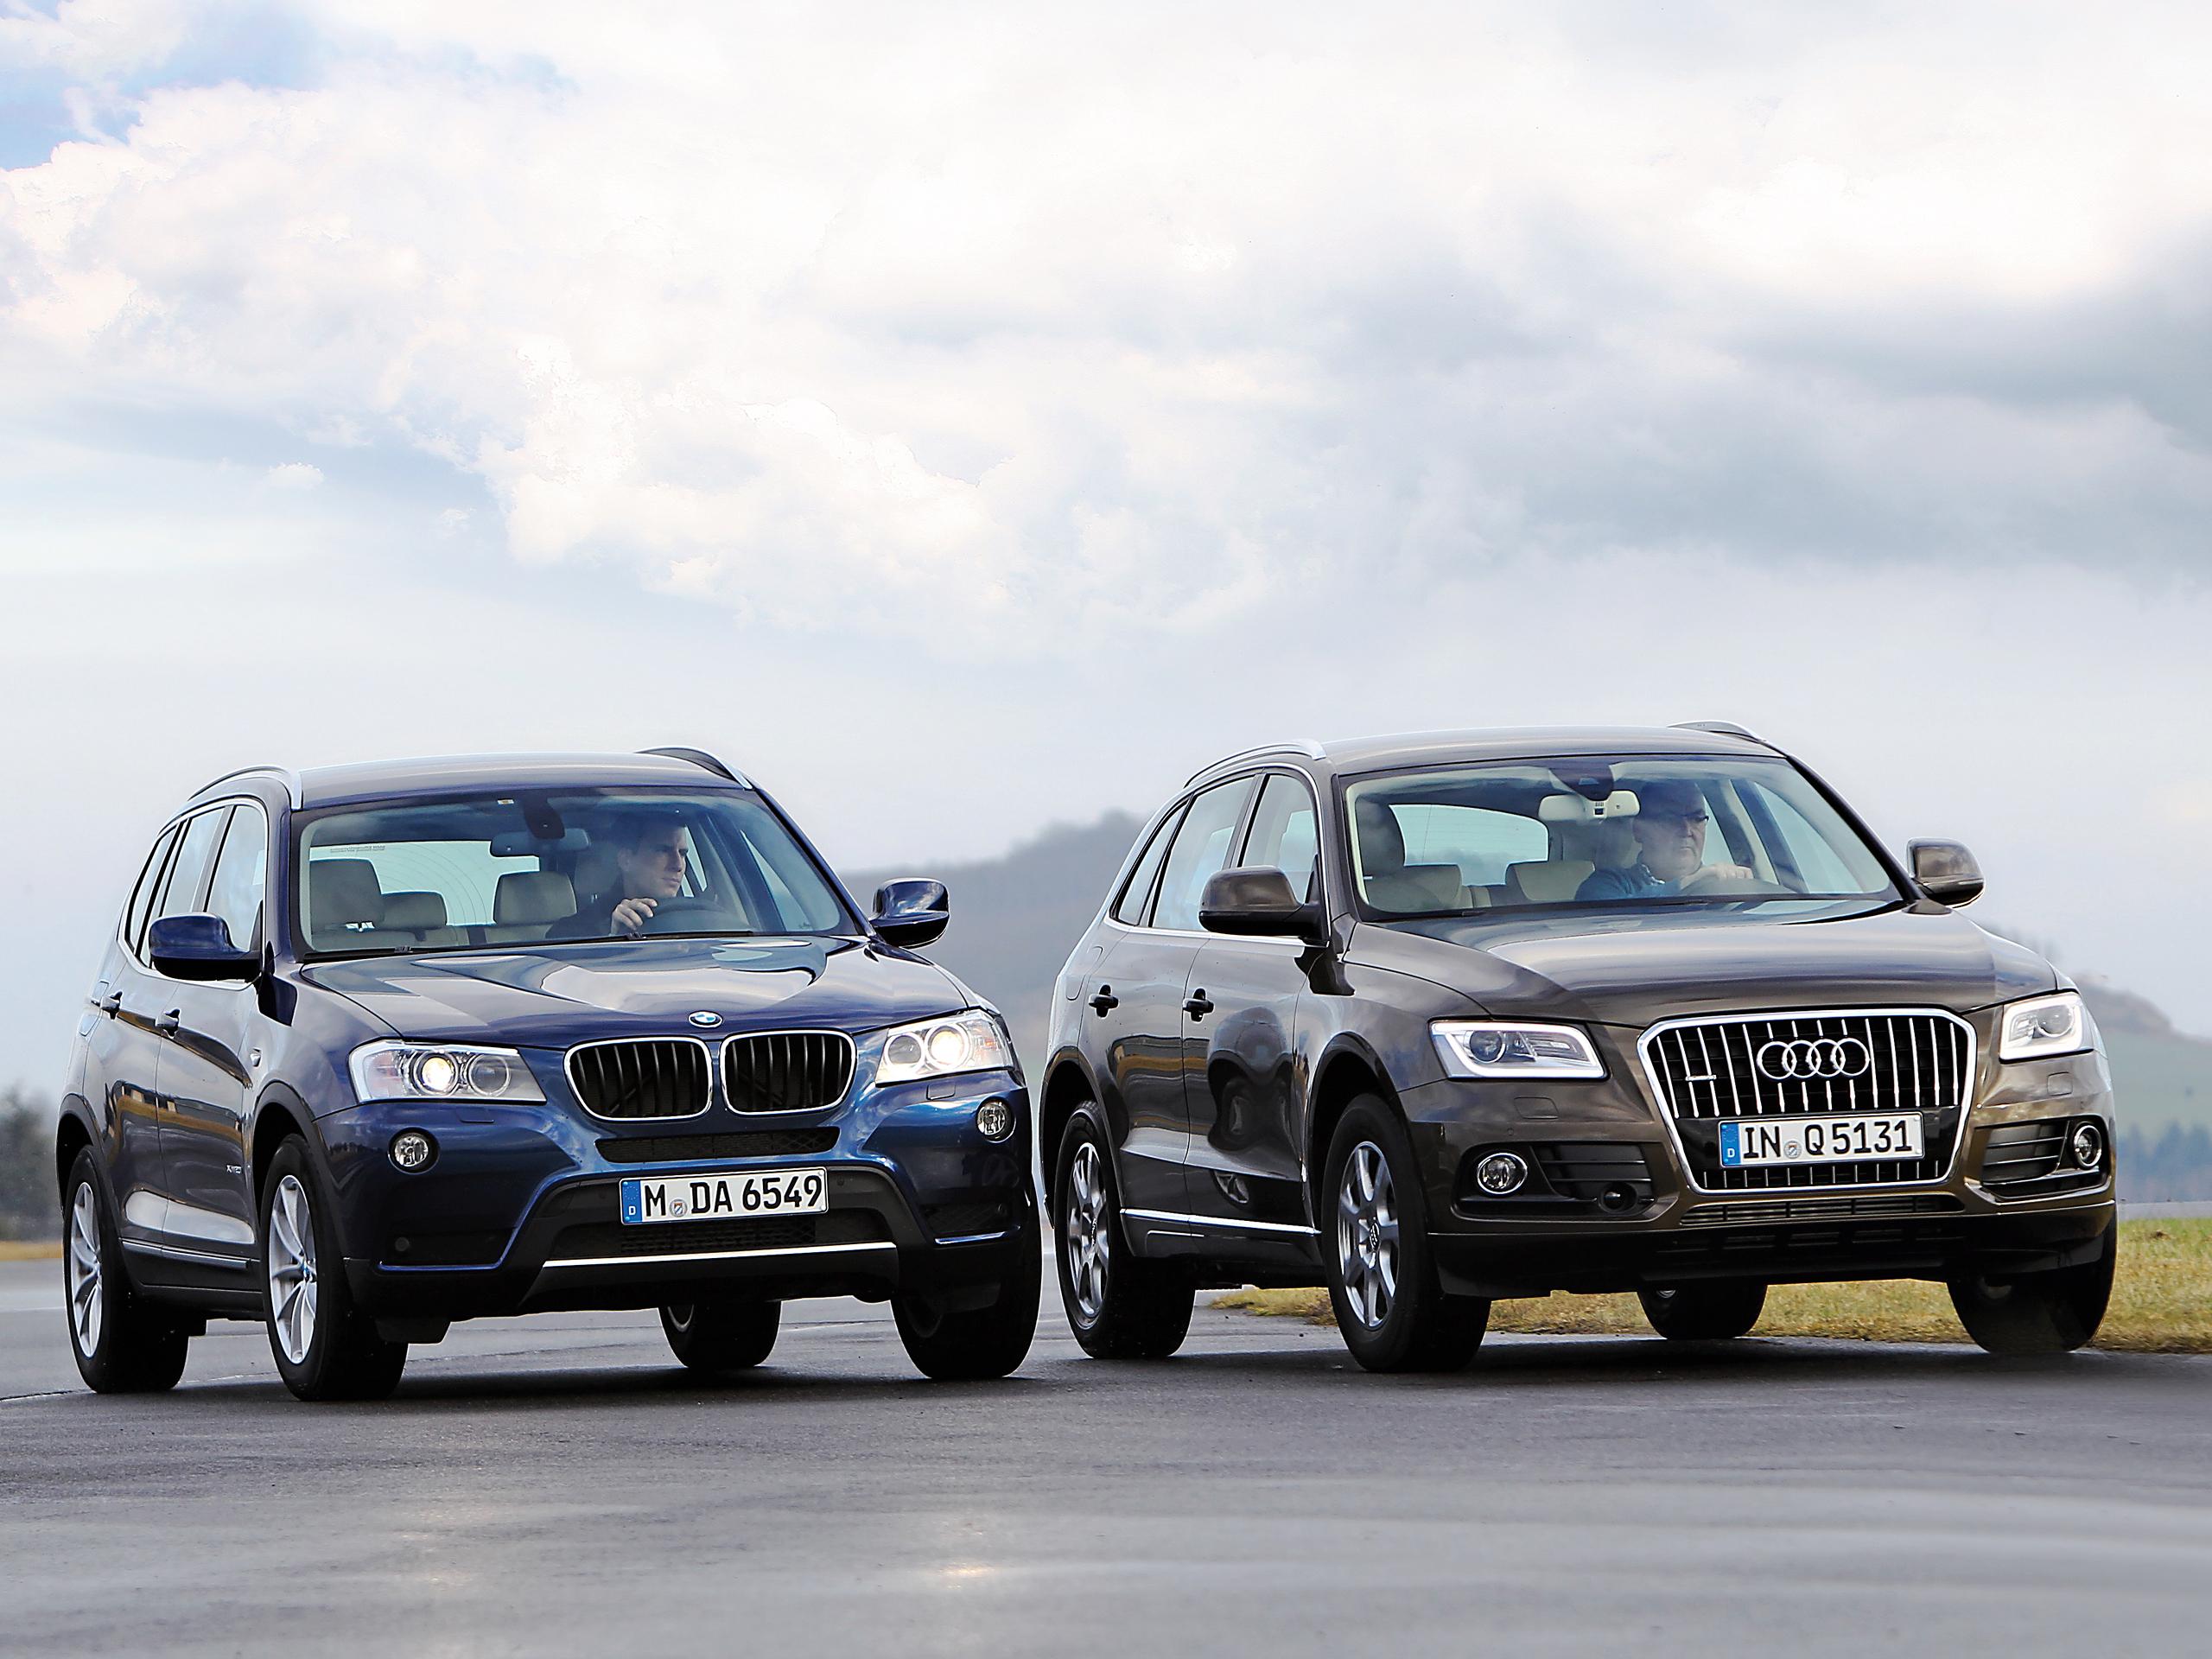 Vergleich SUV Audi Q5 2 0 TDI quattro gegen BMW X3 xdrive20d